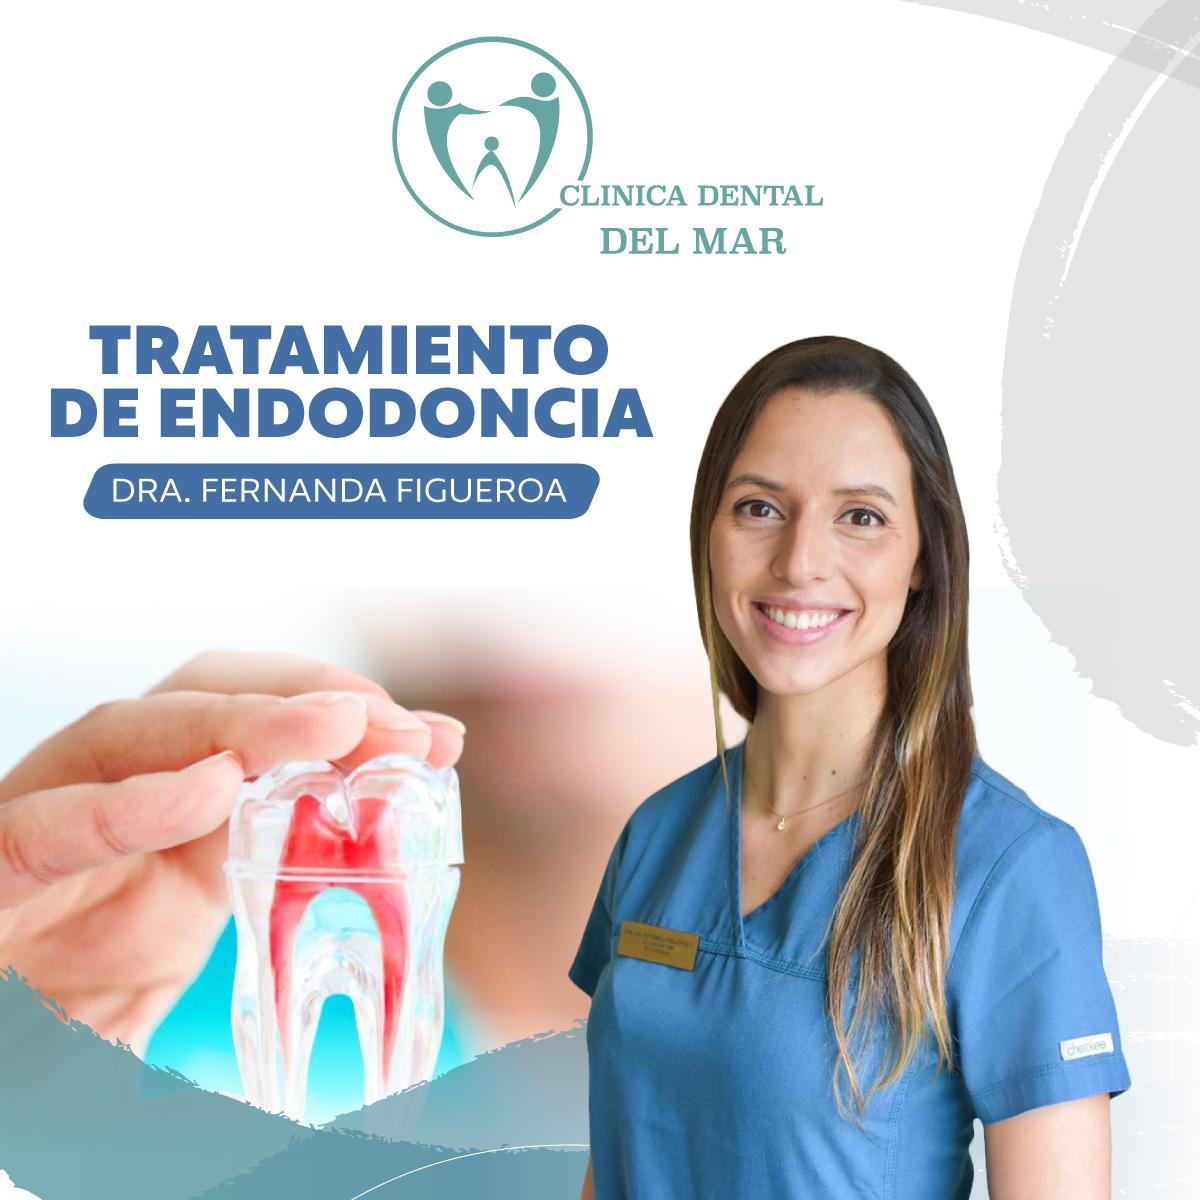 Clinica-del-Mar-RRSS_2020